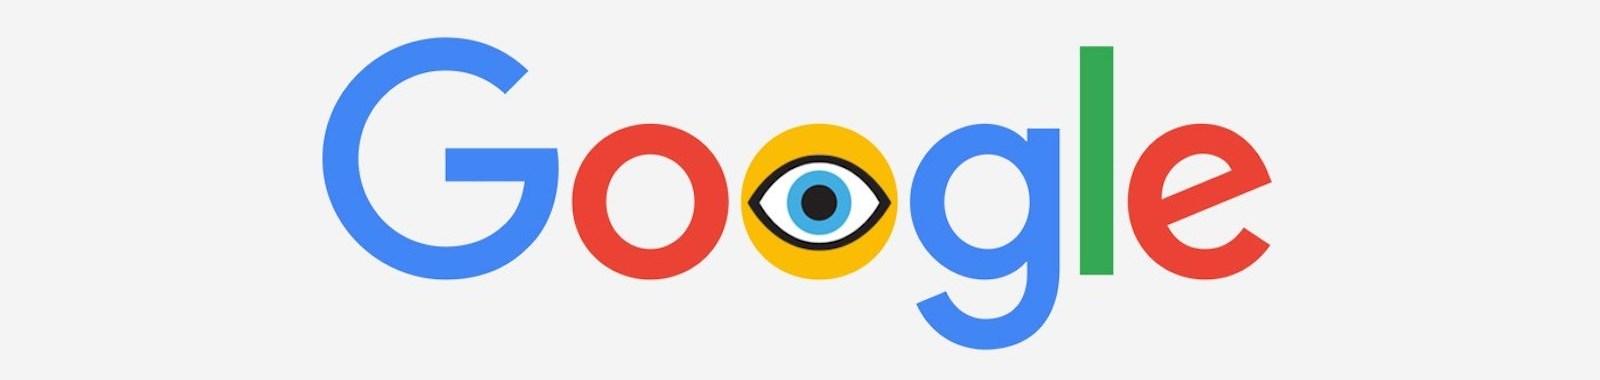 google-eye1